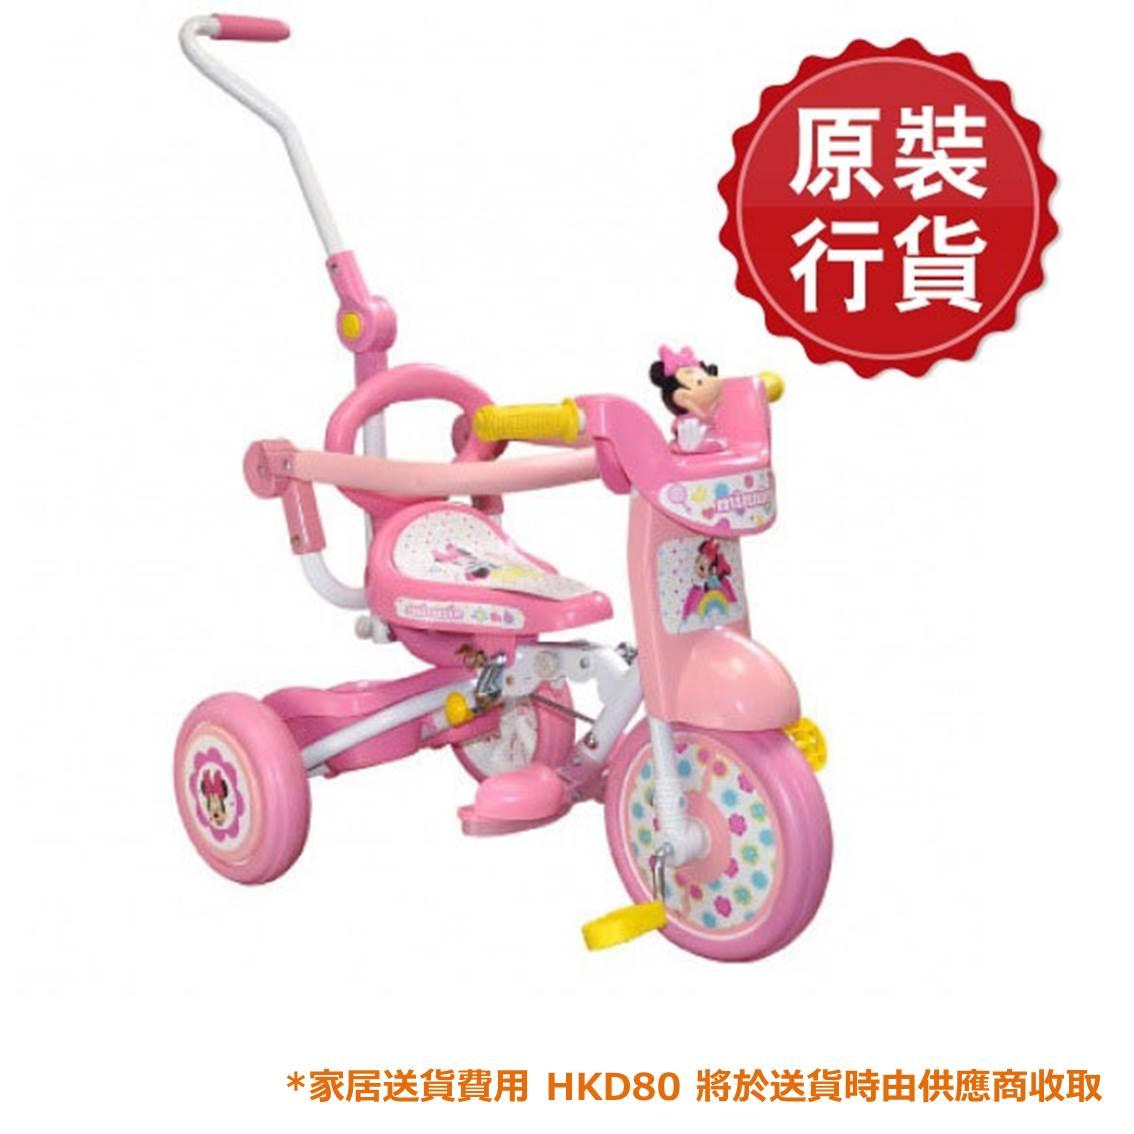 Baby StarDisney Minnie 推控前圍摺合三輪車